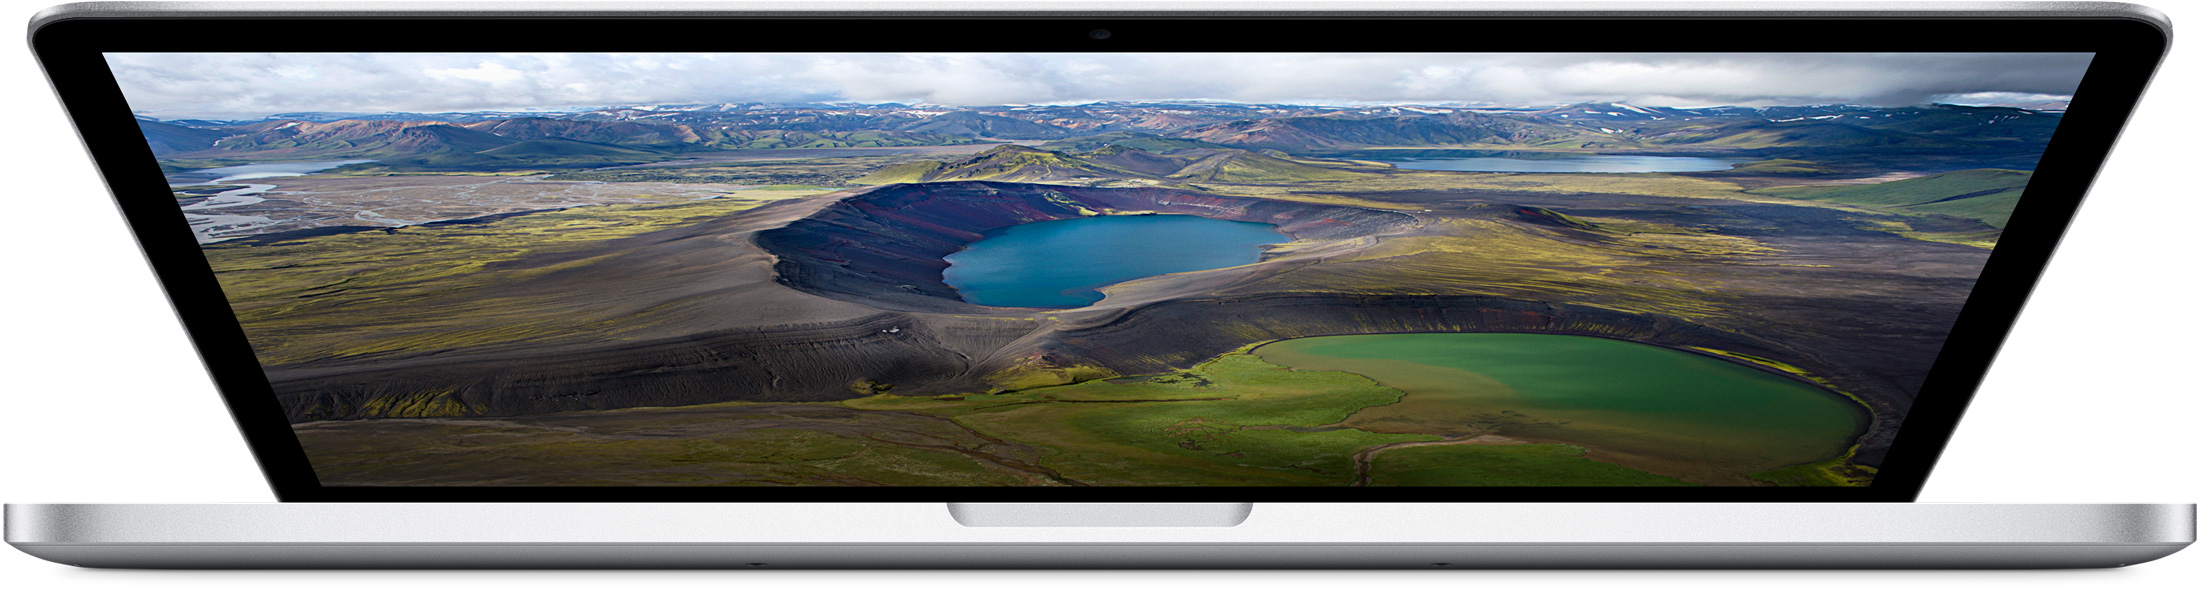 MacBook Pro prijzen